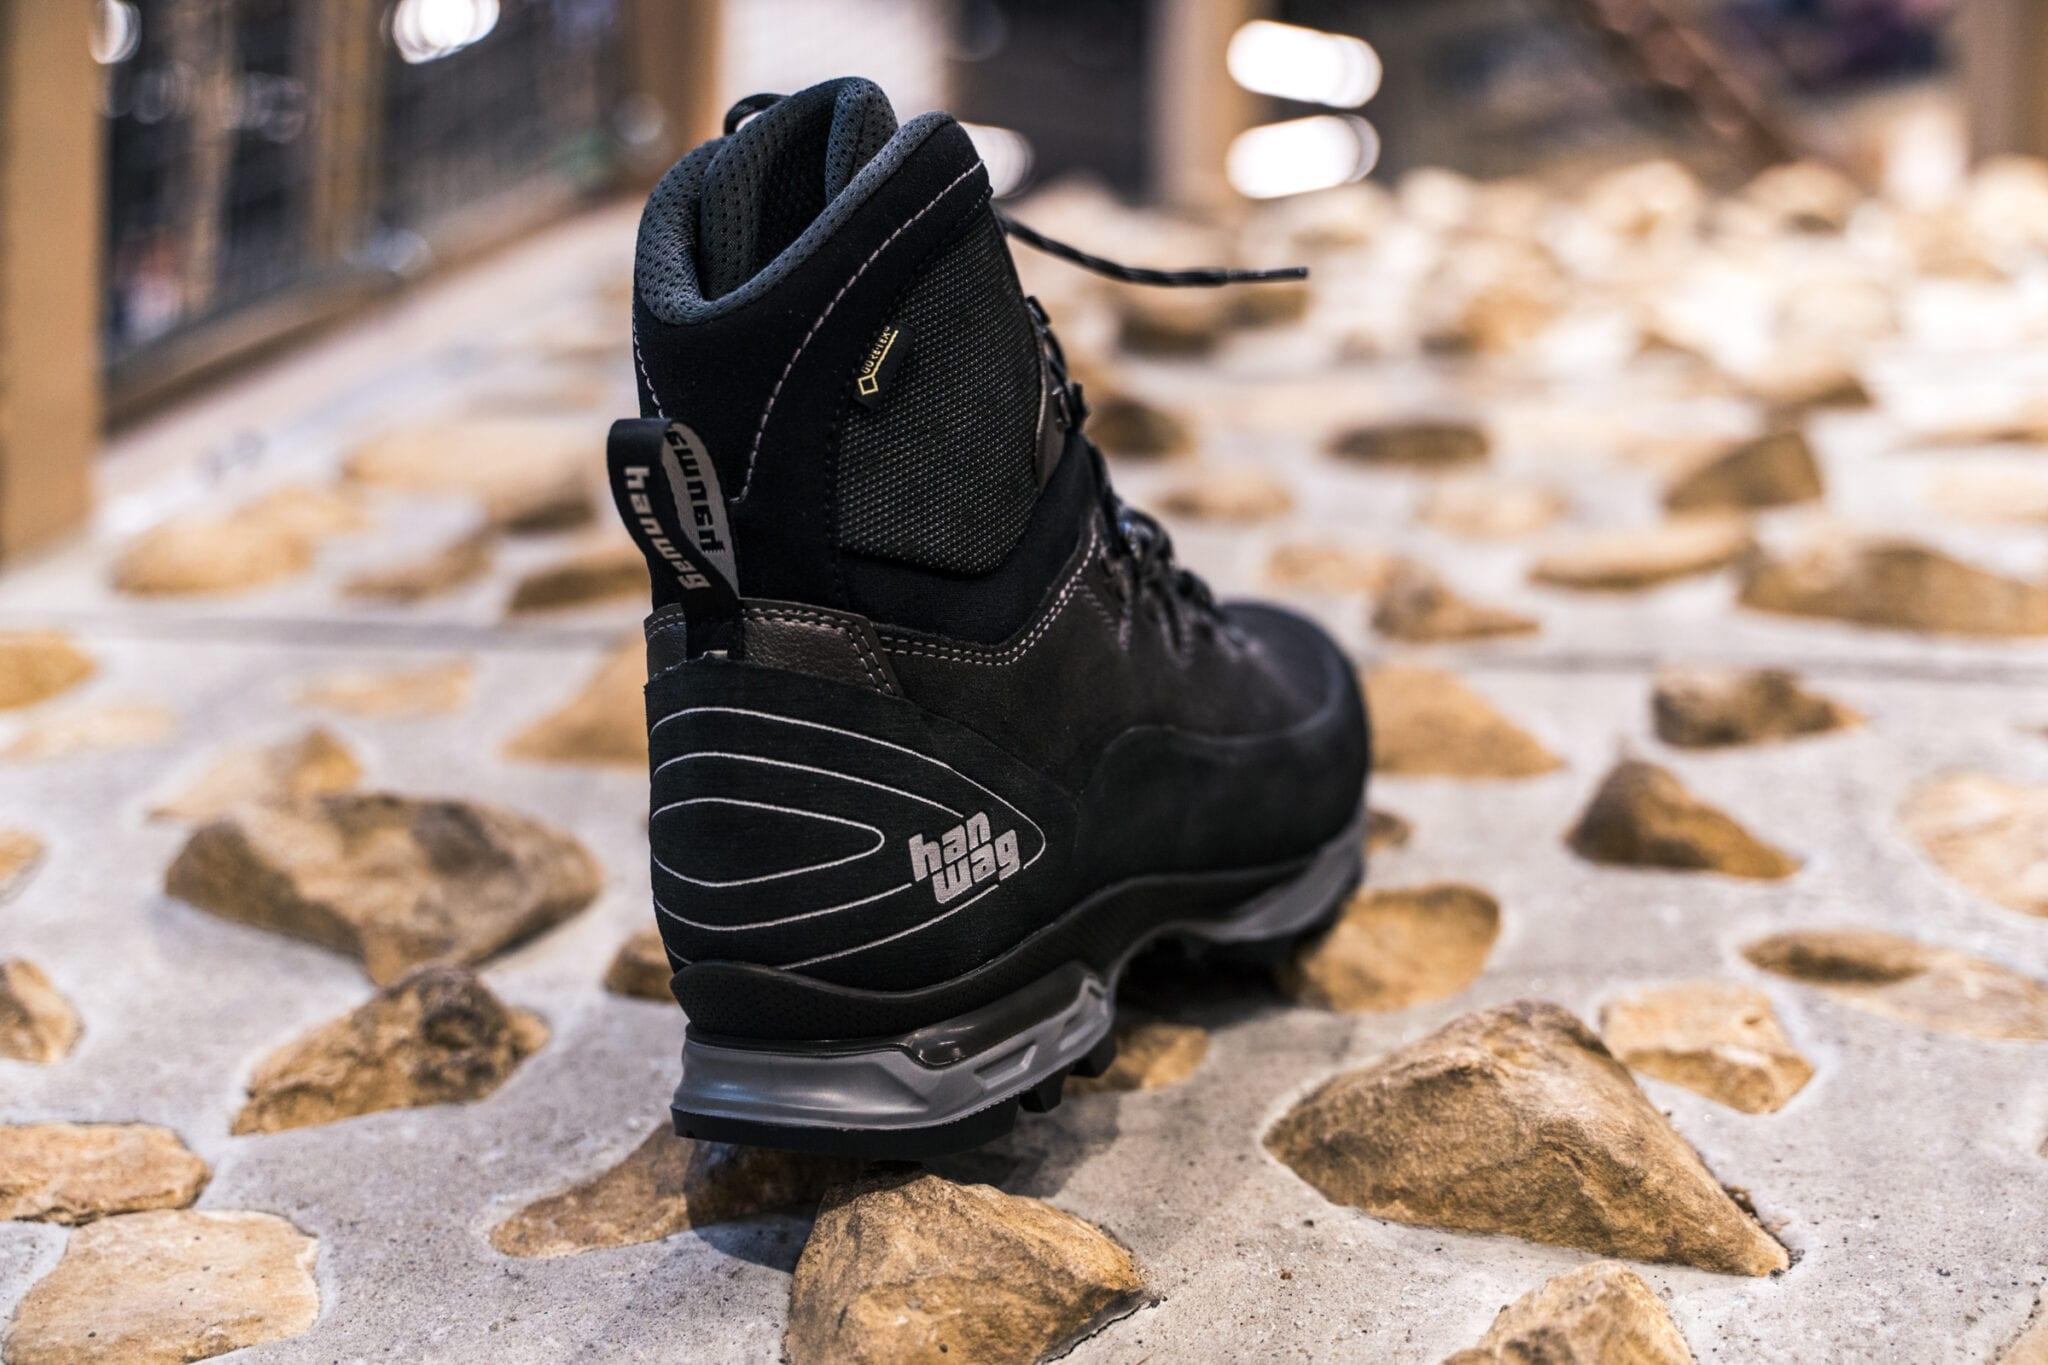 Buitenexpert schoenen testbaan